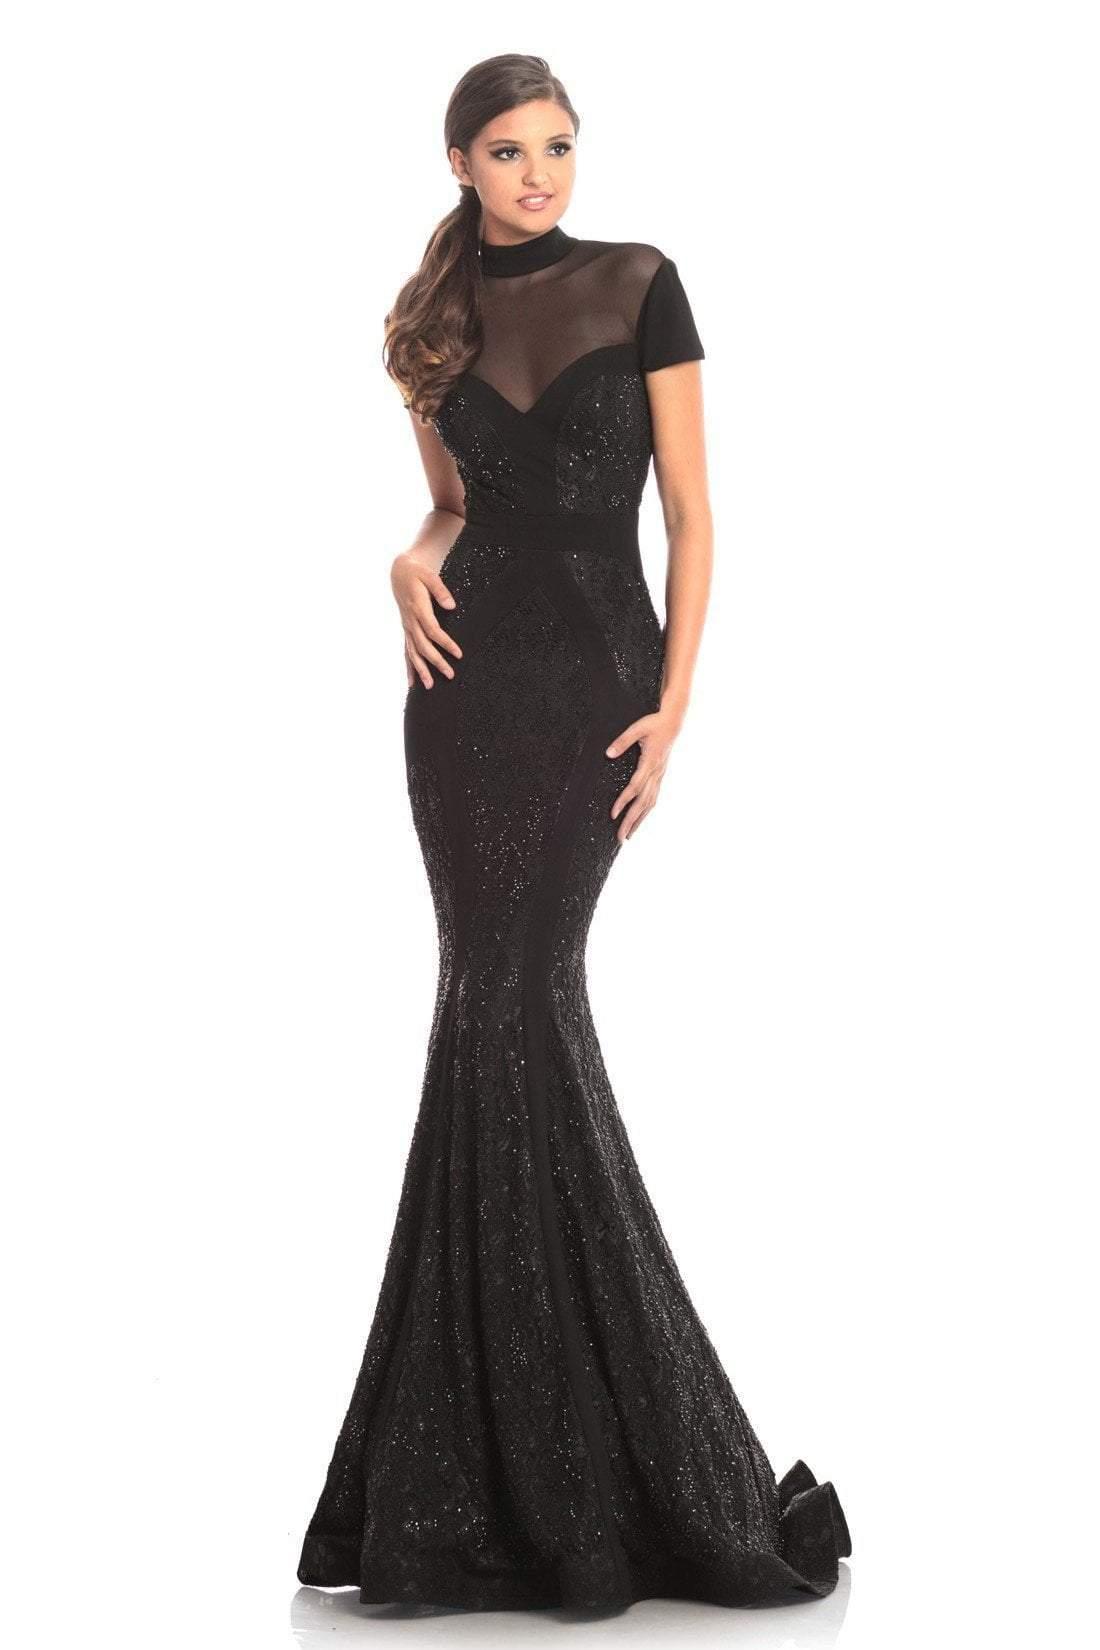 Johnathan Kayne - 9045 Embellished Lace High Neck Mermaid Dress